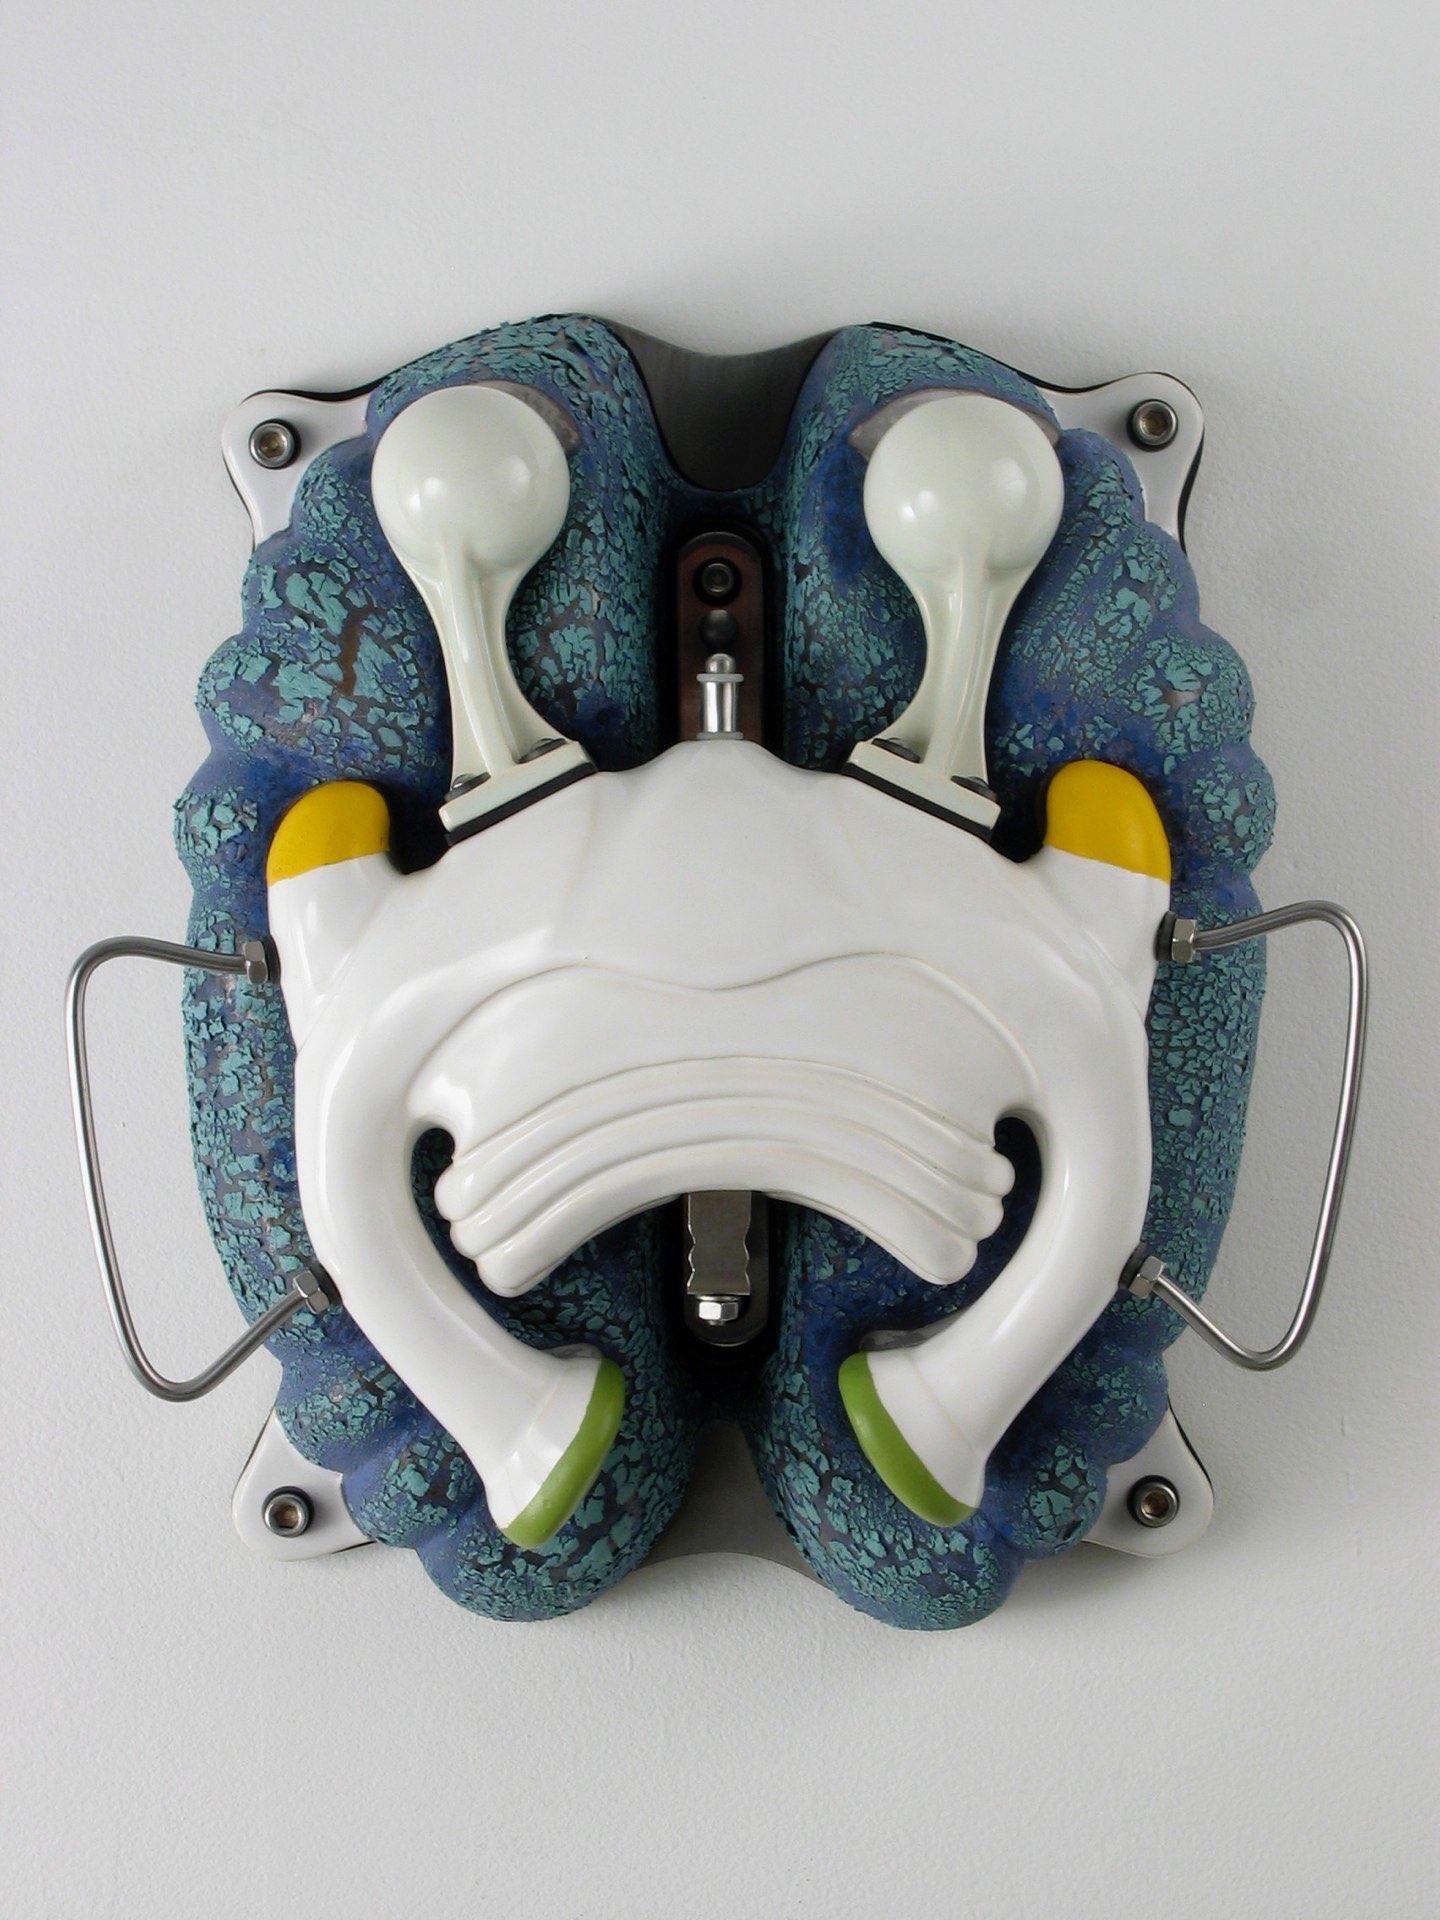 Czibesz 'Myopia-Grey Matters Device'.jpg